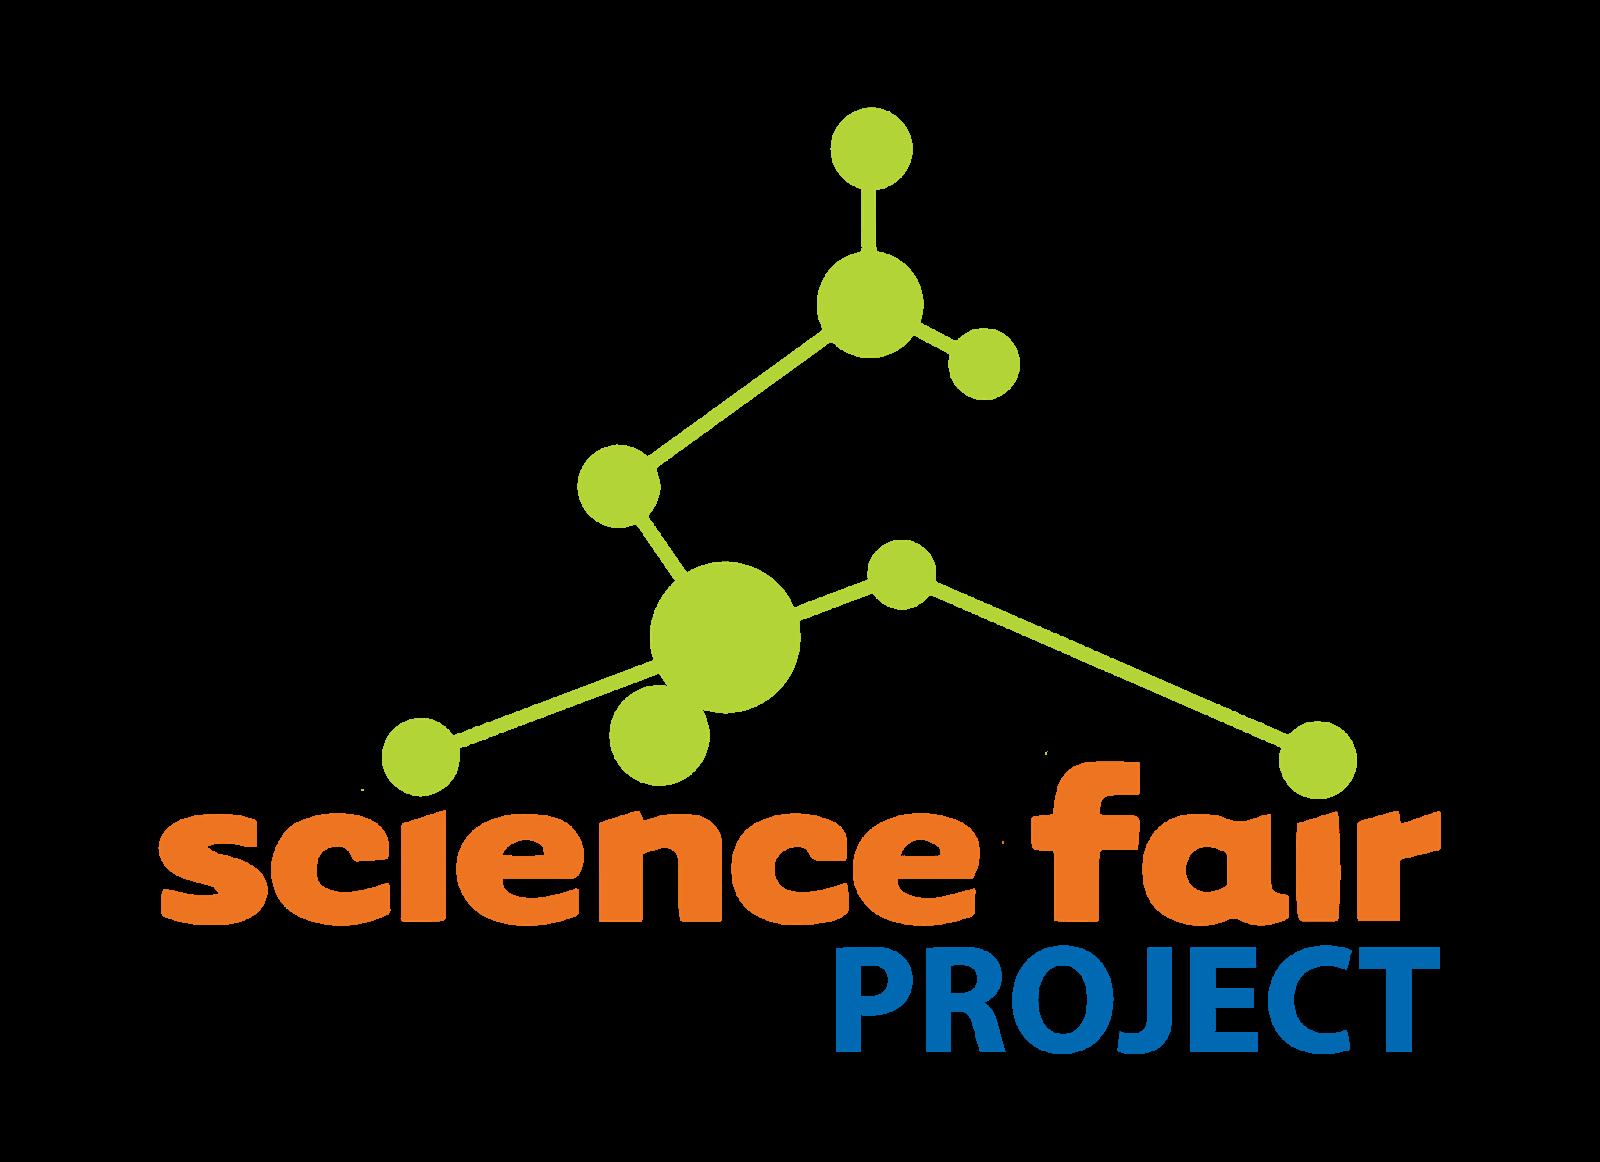 Fair clipart science fair. Change happens s apropa